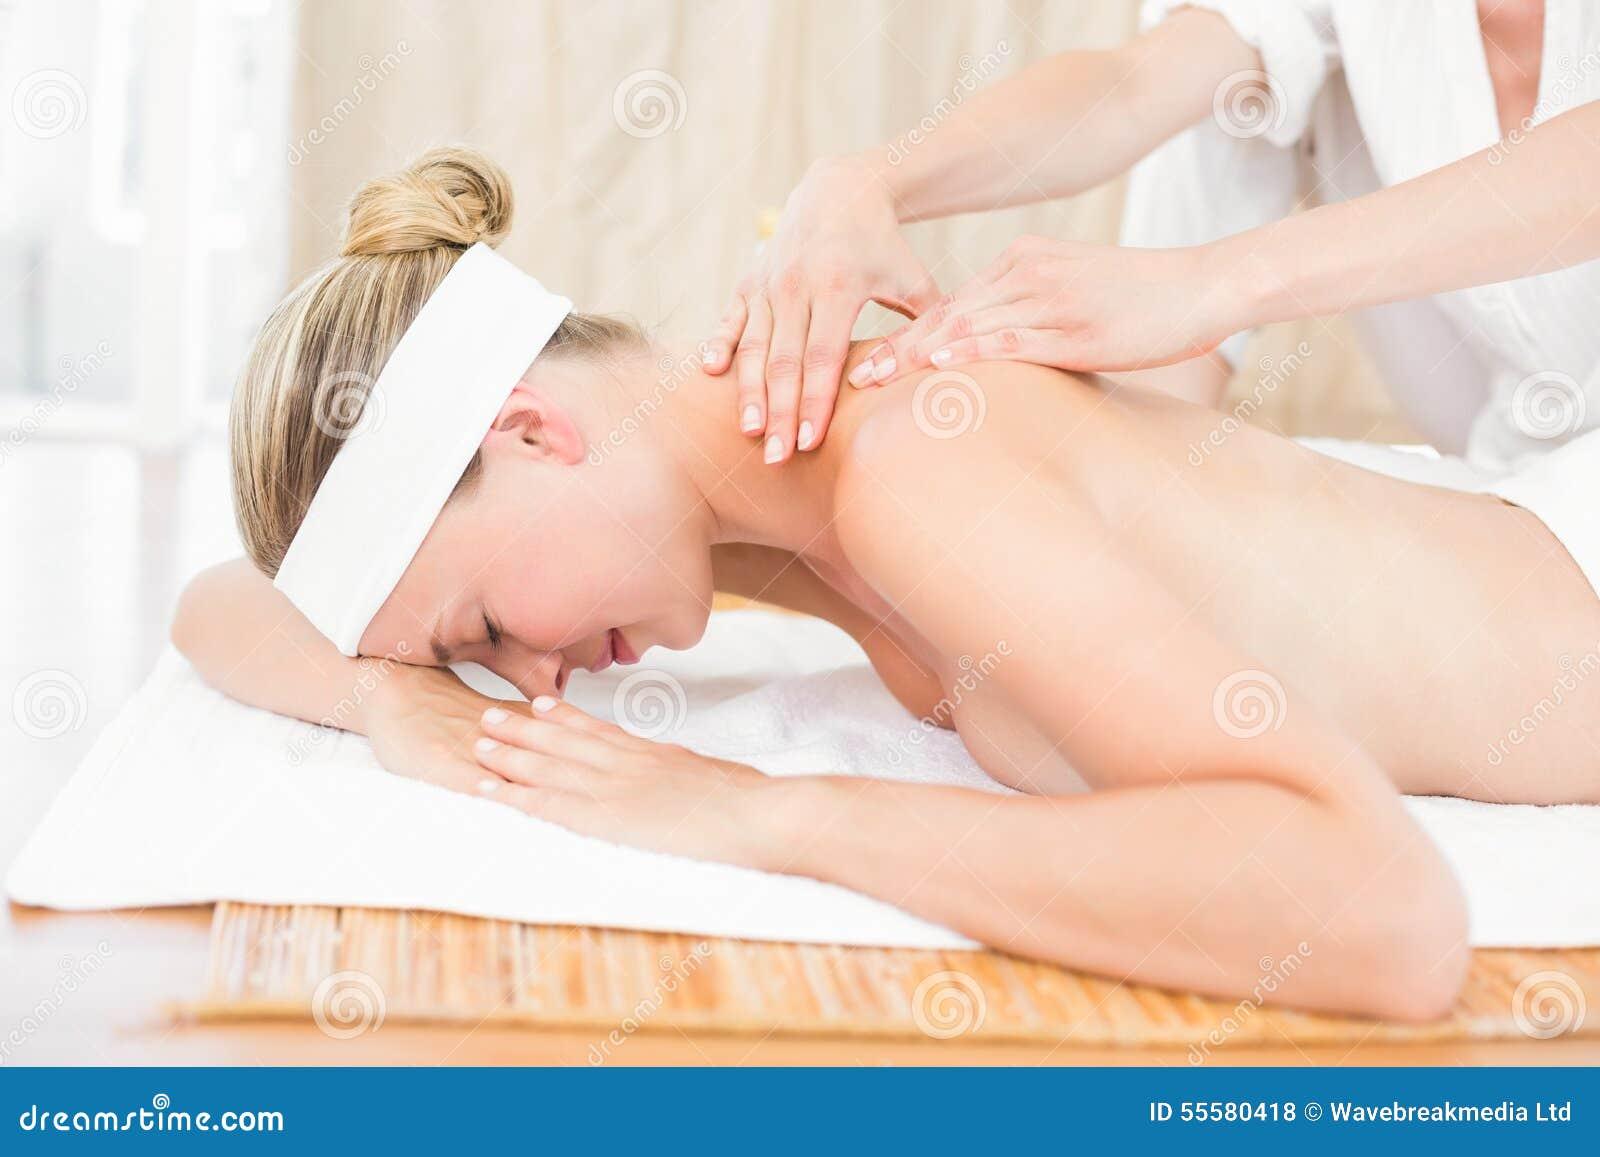 секс во время массажа с блондинкой - 11